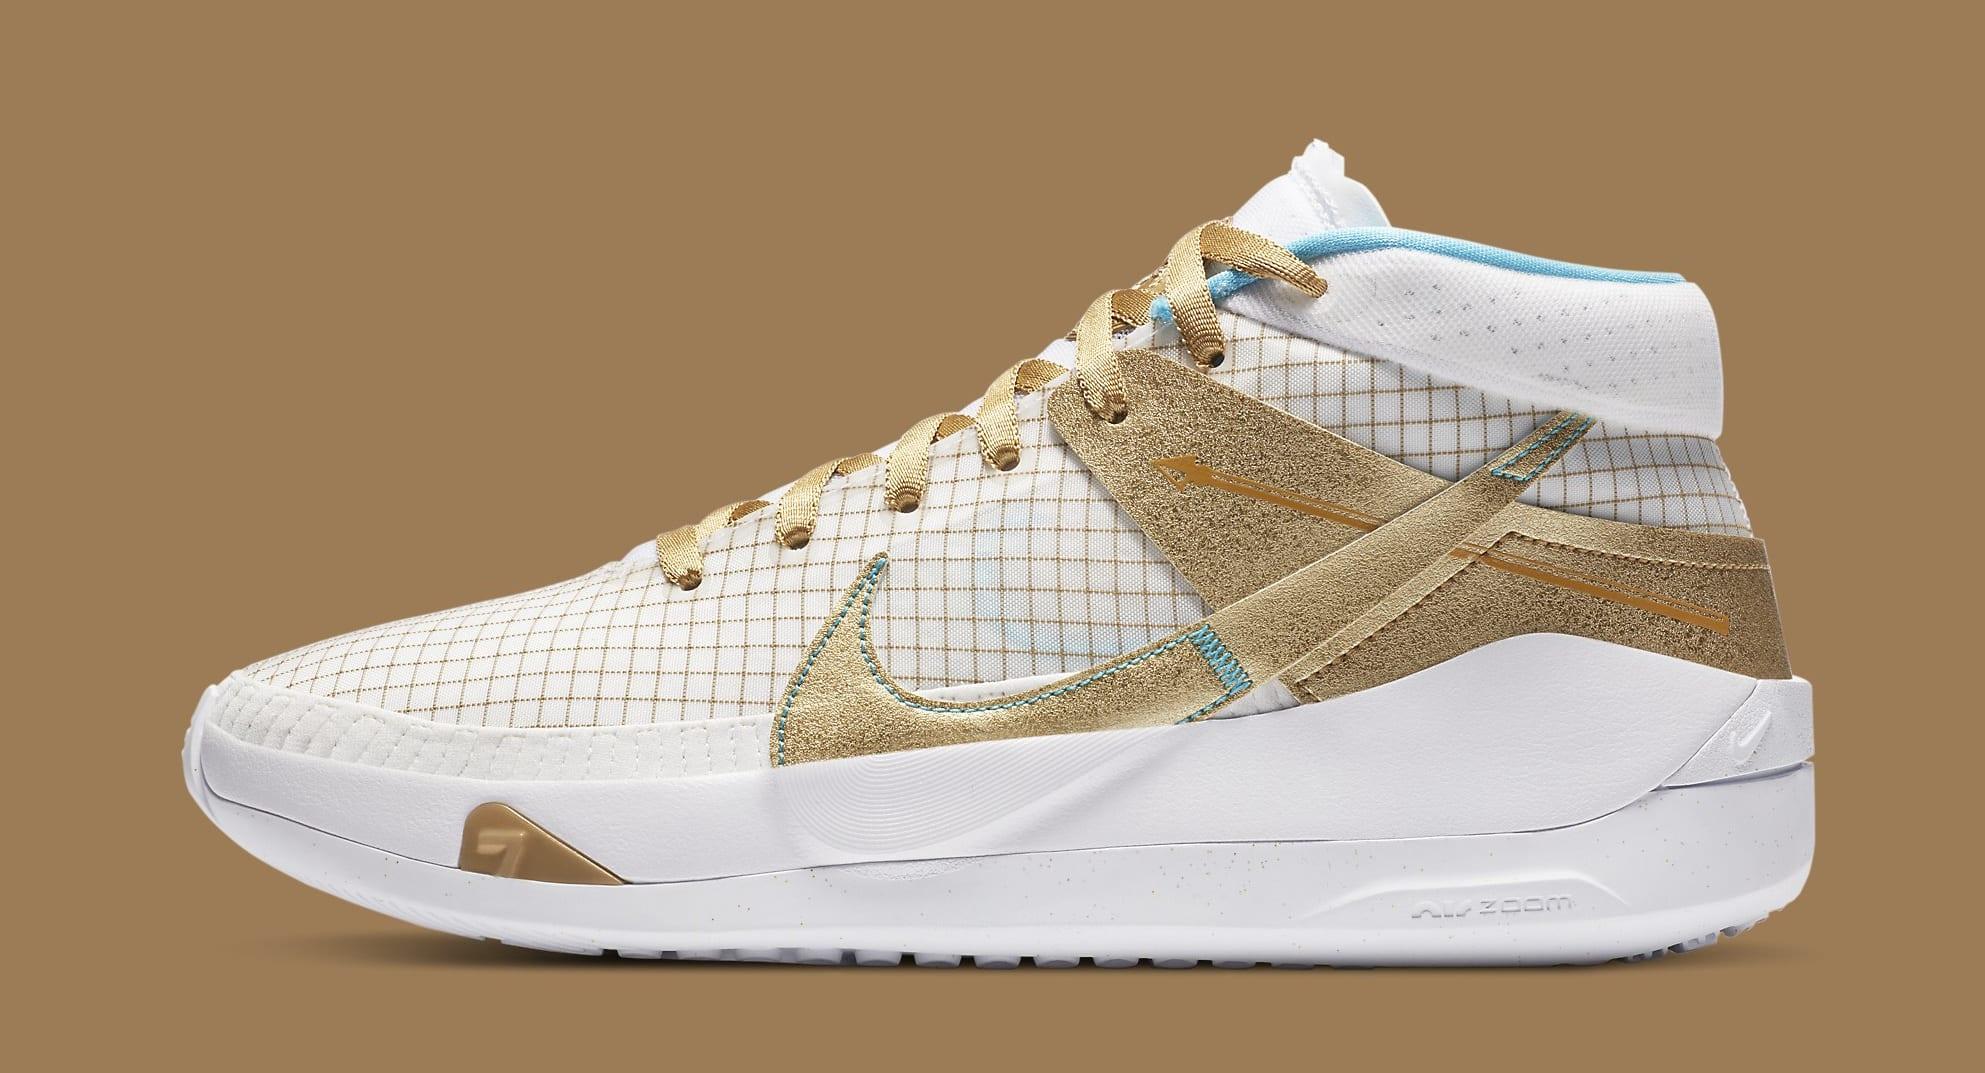 Nike KD 13 'EYBL' DA0895-102 Lateral